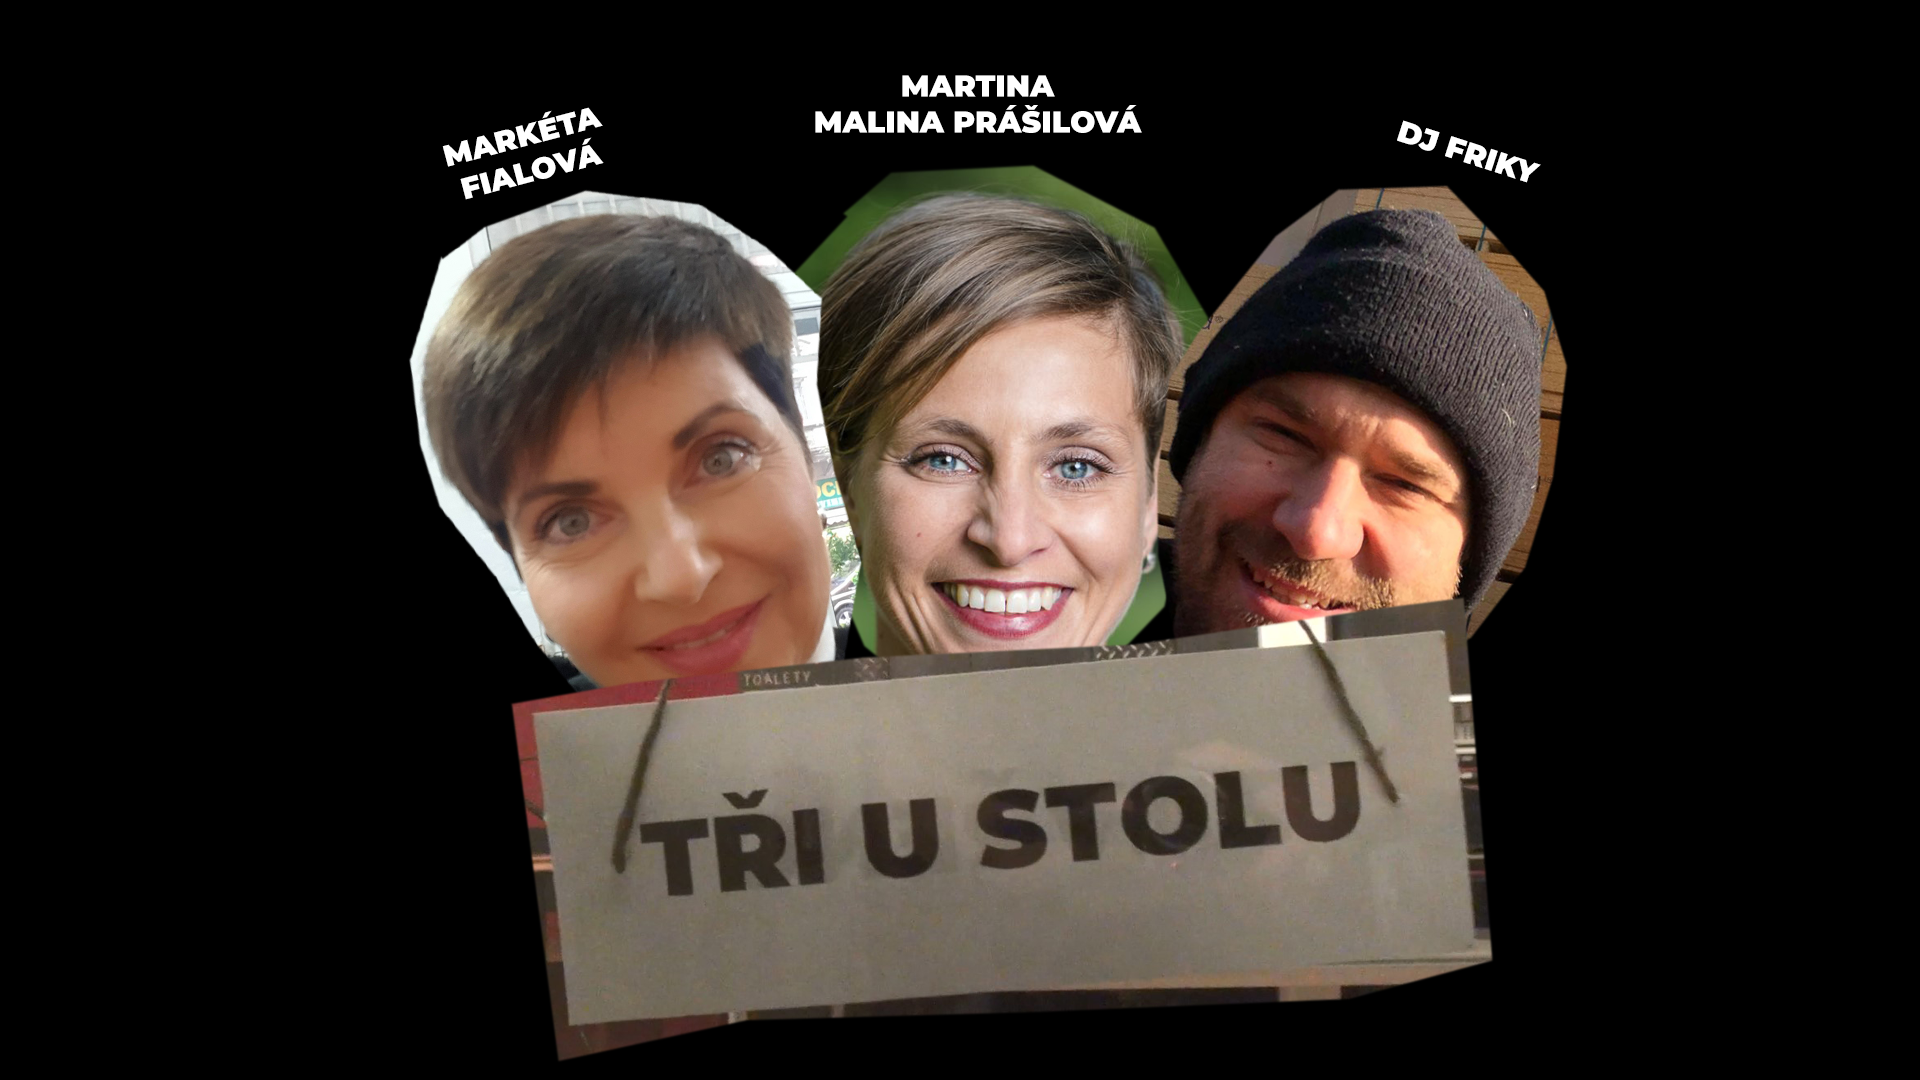 TŘI U STOLU – Markéta Fialová, DJ Friky a Martina Malina Prášilová – záznam